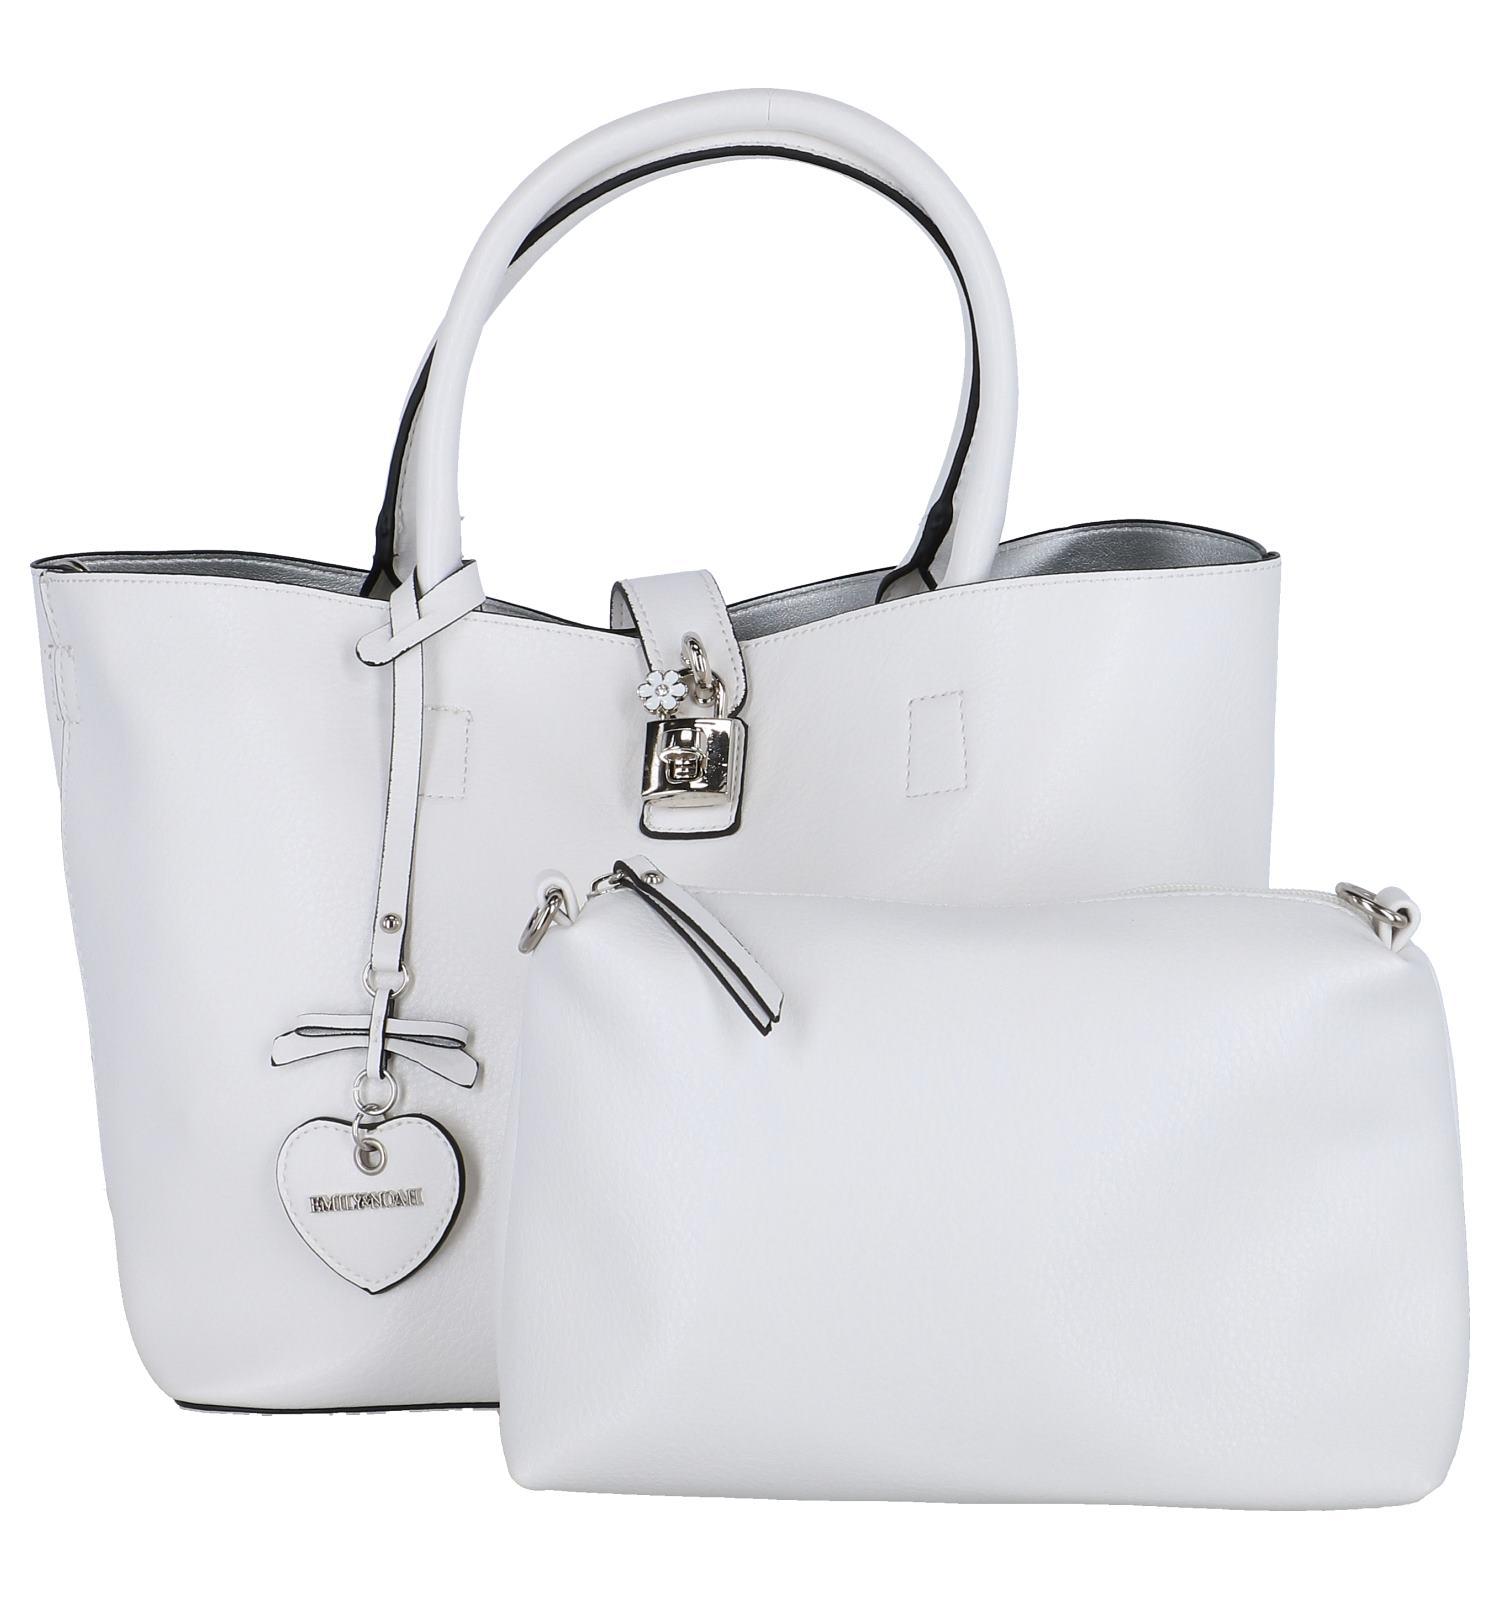 d9b21c899a5 Witte Bag in Bag Handtas Emily & Noah | SCHOENENTORFS.NL | Gratis verzend  en retour